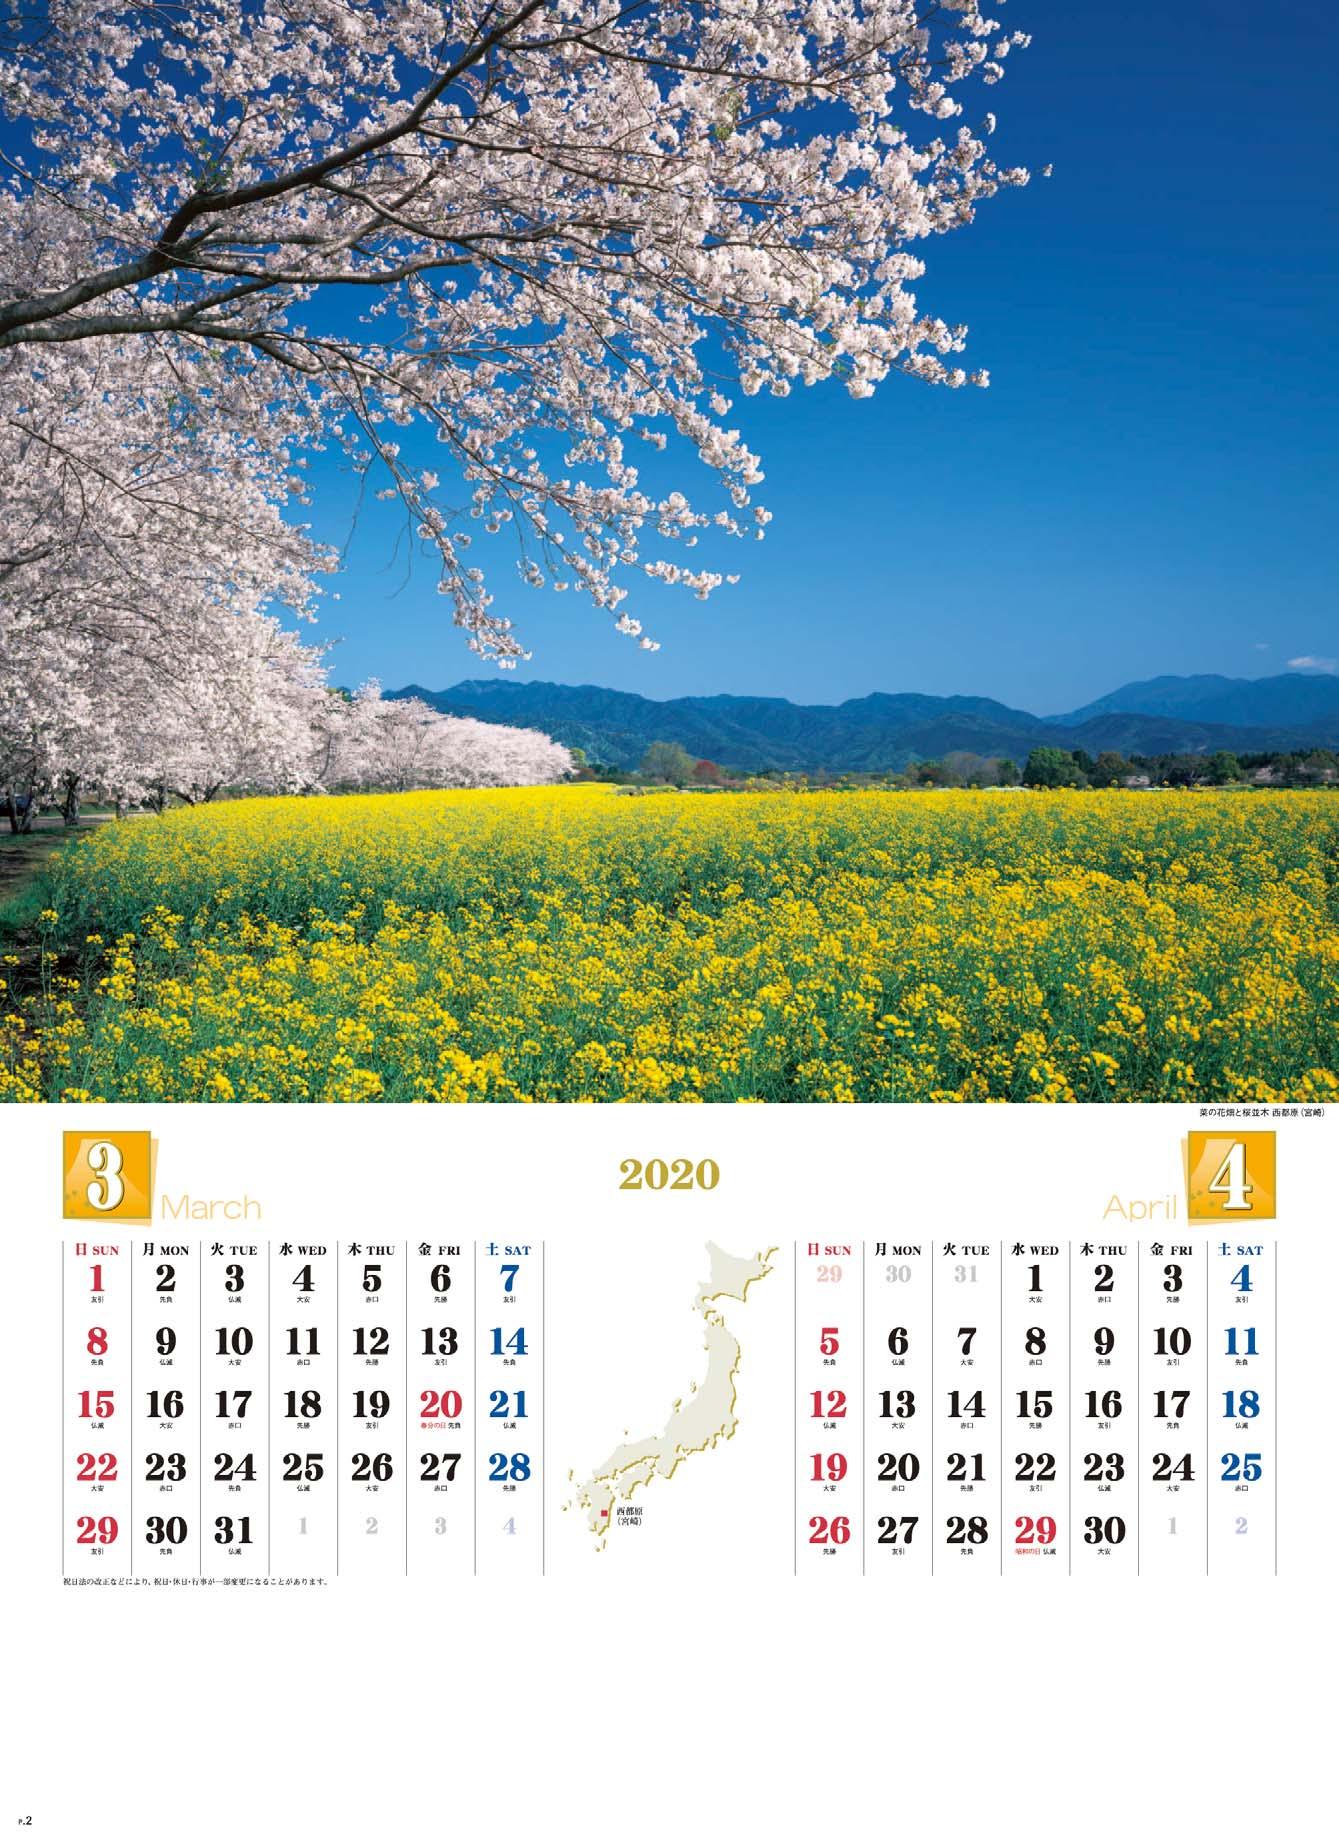 画像:菜の花畑と桜並木 西都原(宮崎) 四季彩峰 2020年カレンダー